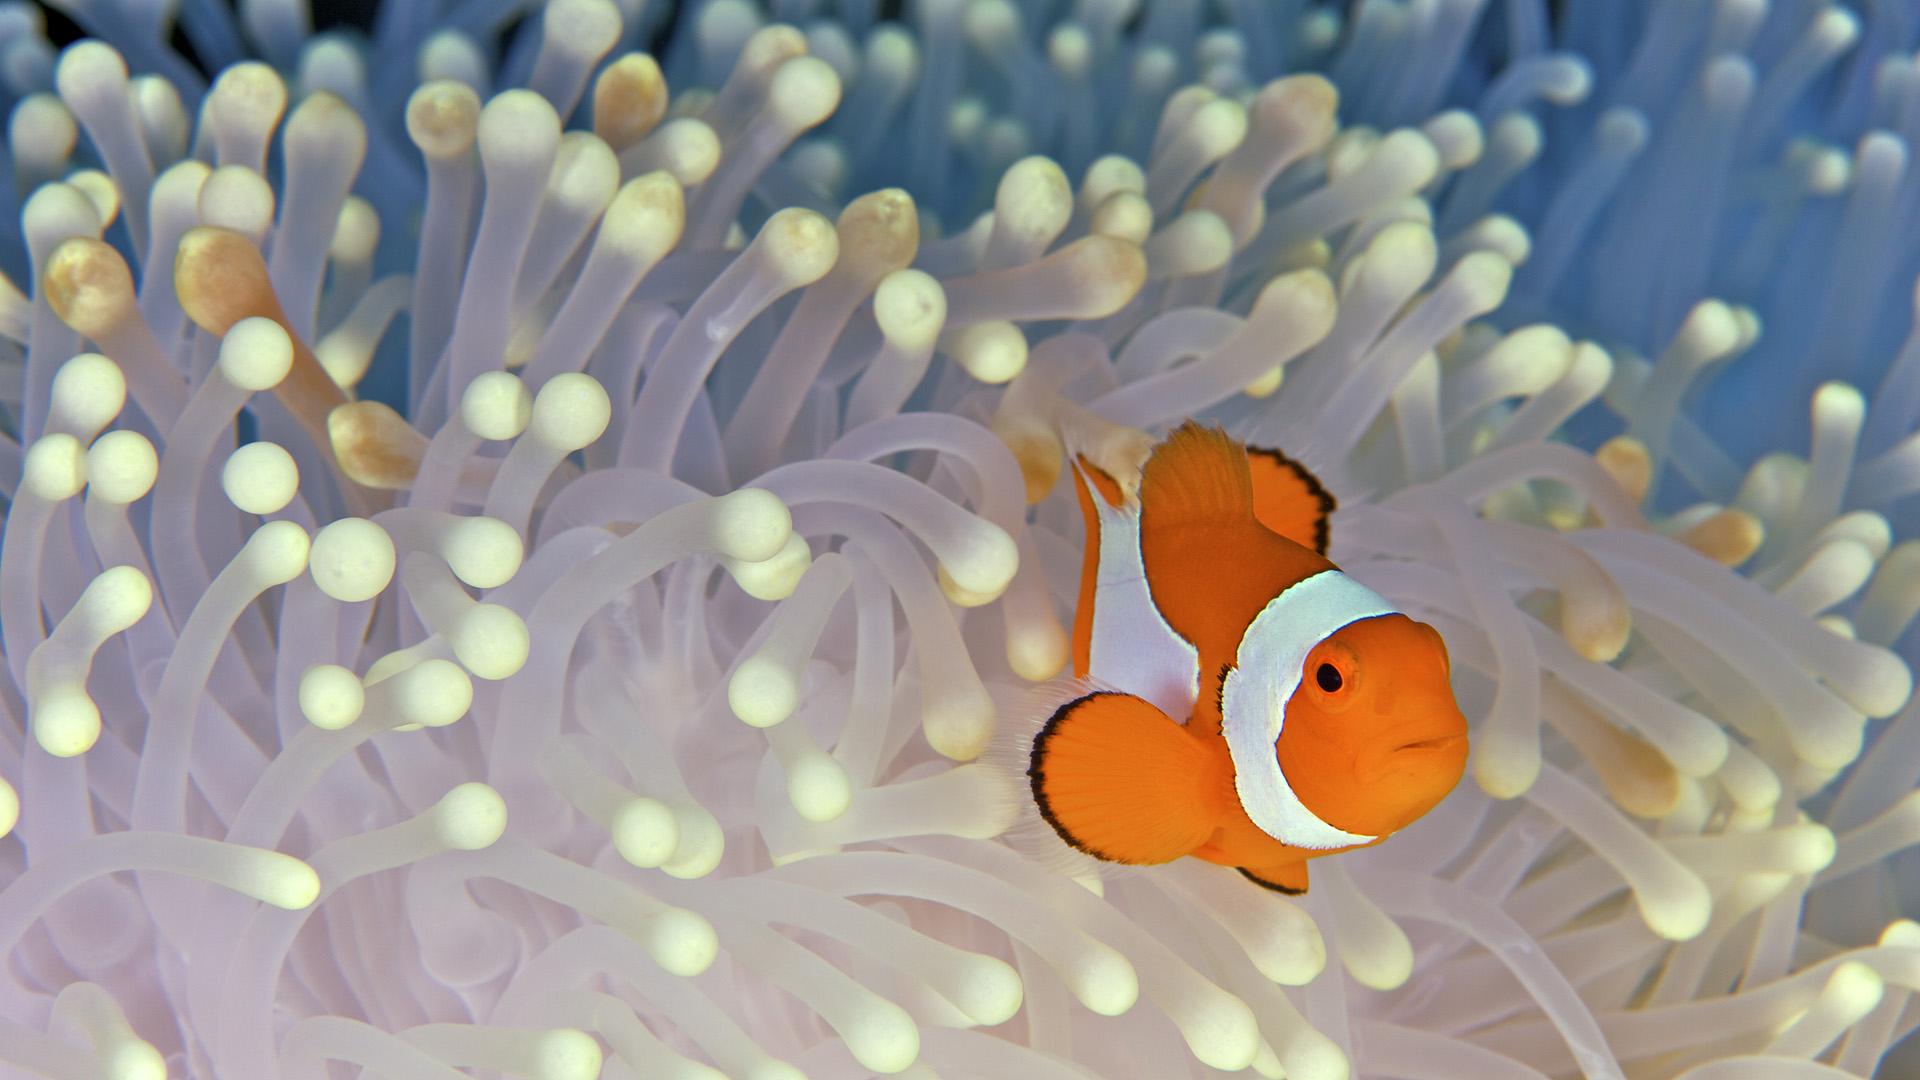 beautiful anemone desktop wallpaper 26021